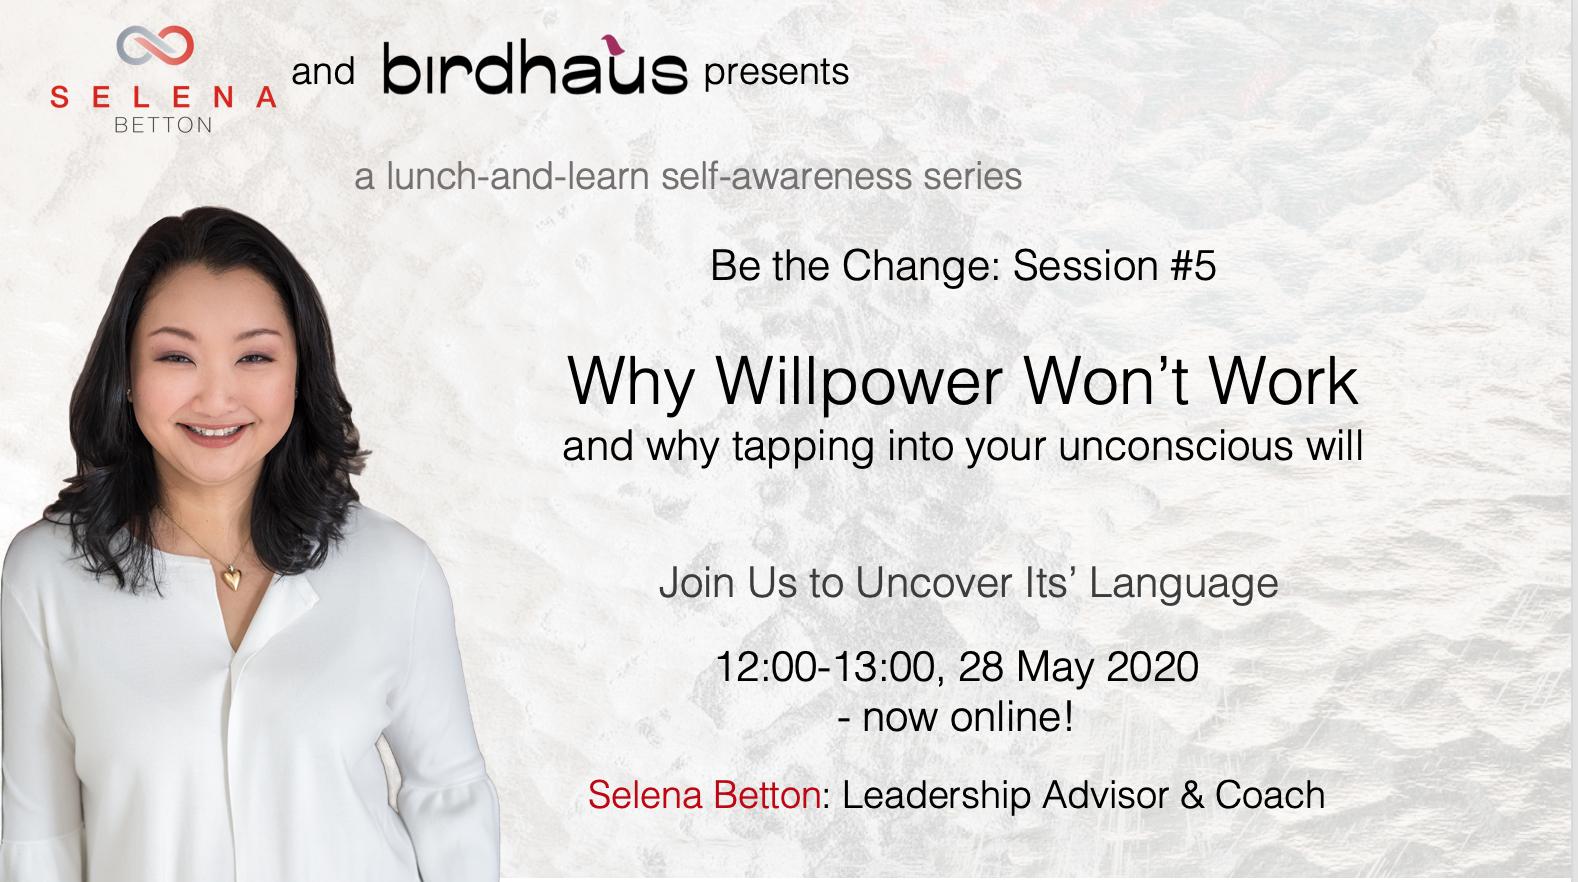 coworking,Birdhaus 28 May 2020